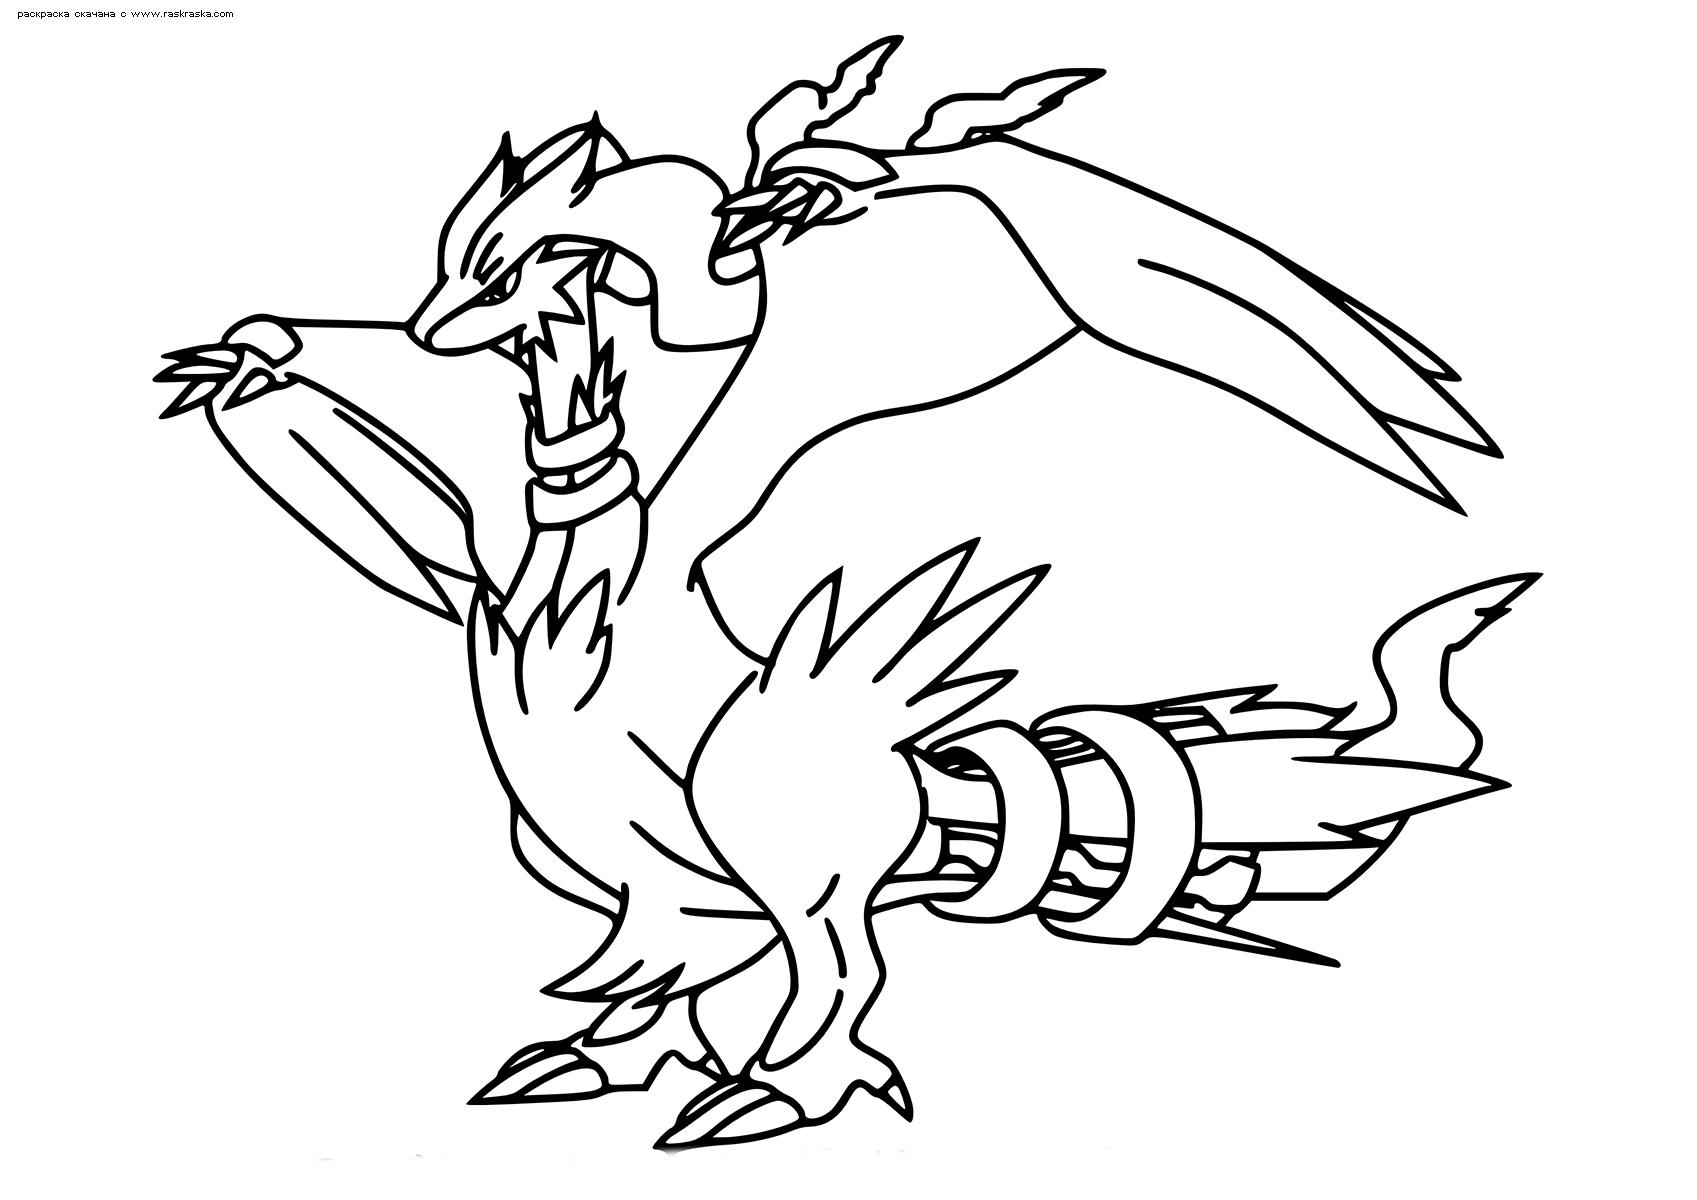 Раскраска Легендарный покемон Реширам (Reshiram). Раскраска Покемон